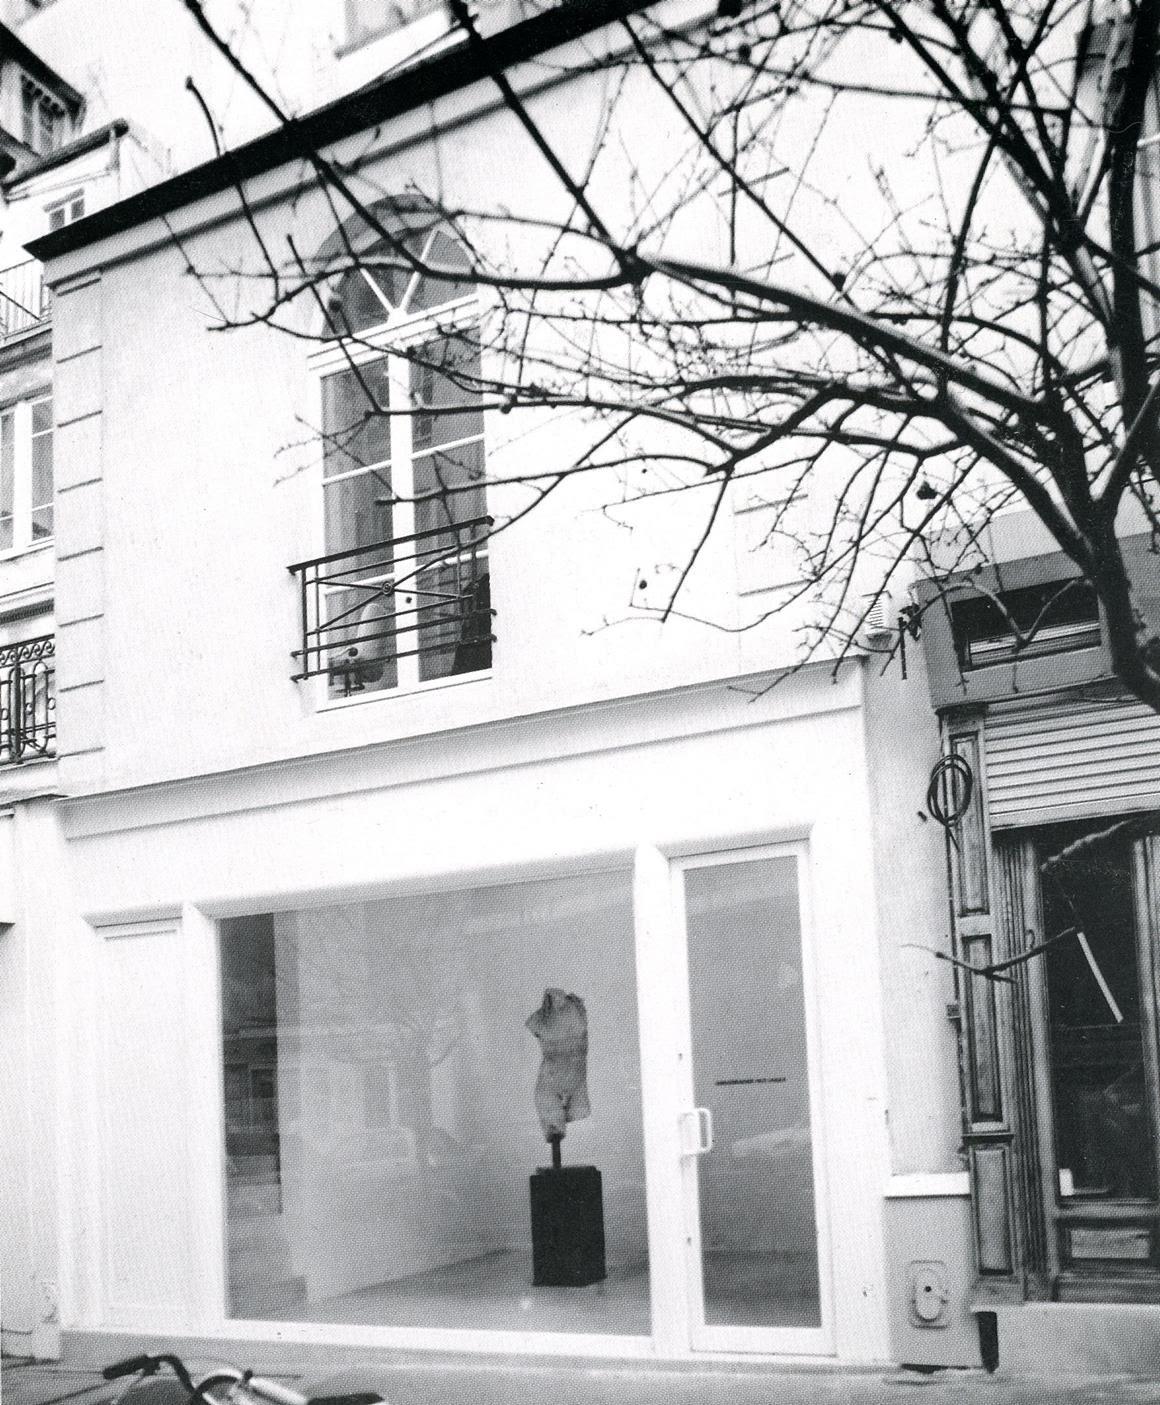 Massimo De Carlo Galerie Pièce Unique, Paris, 1989, window's concept and design by Cy Twombly